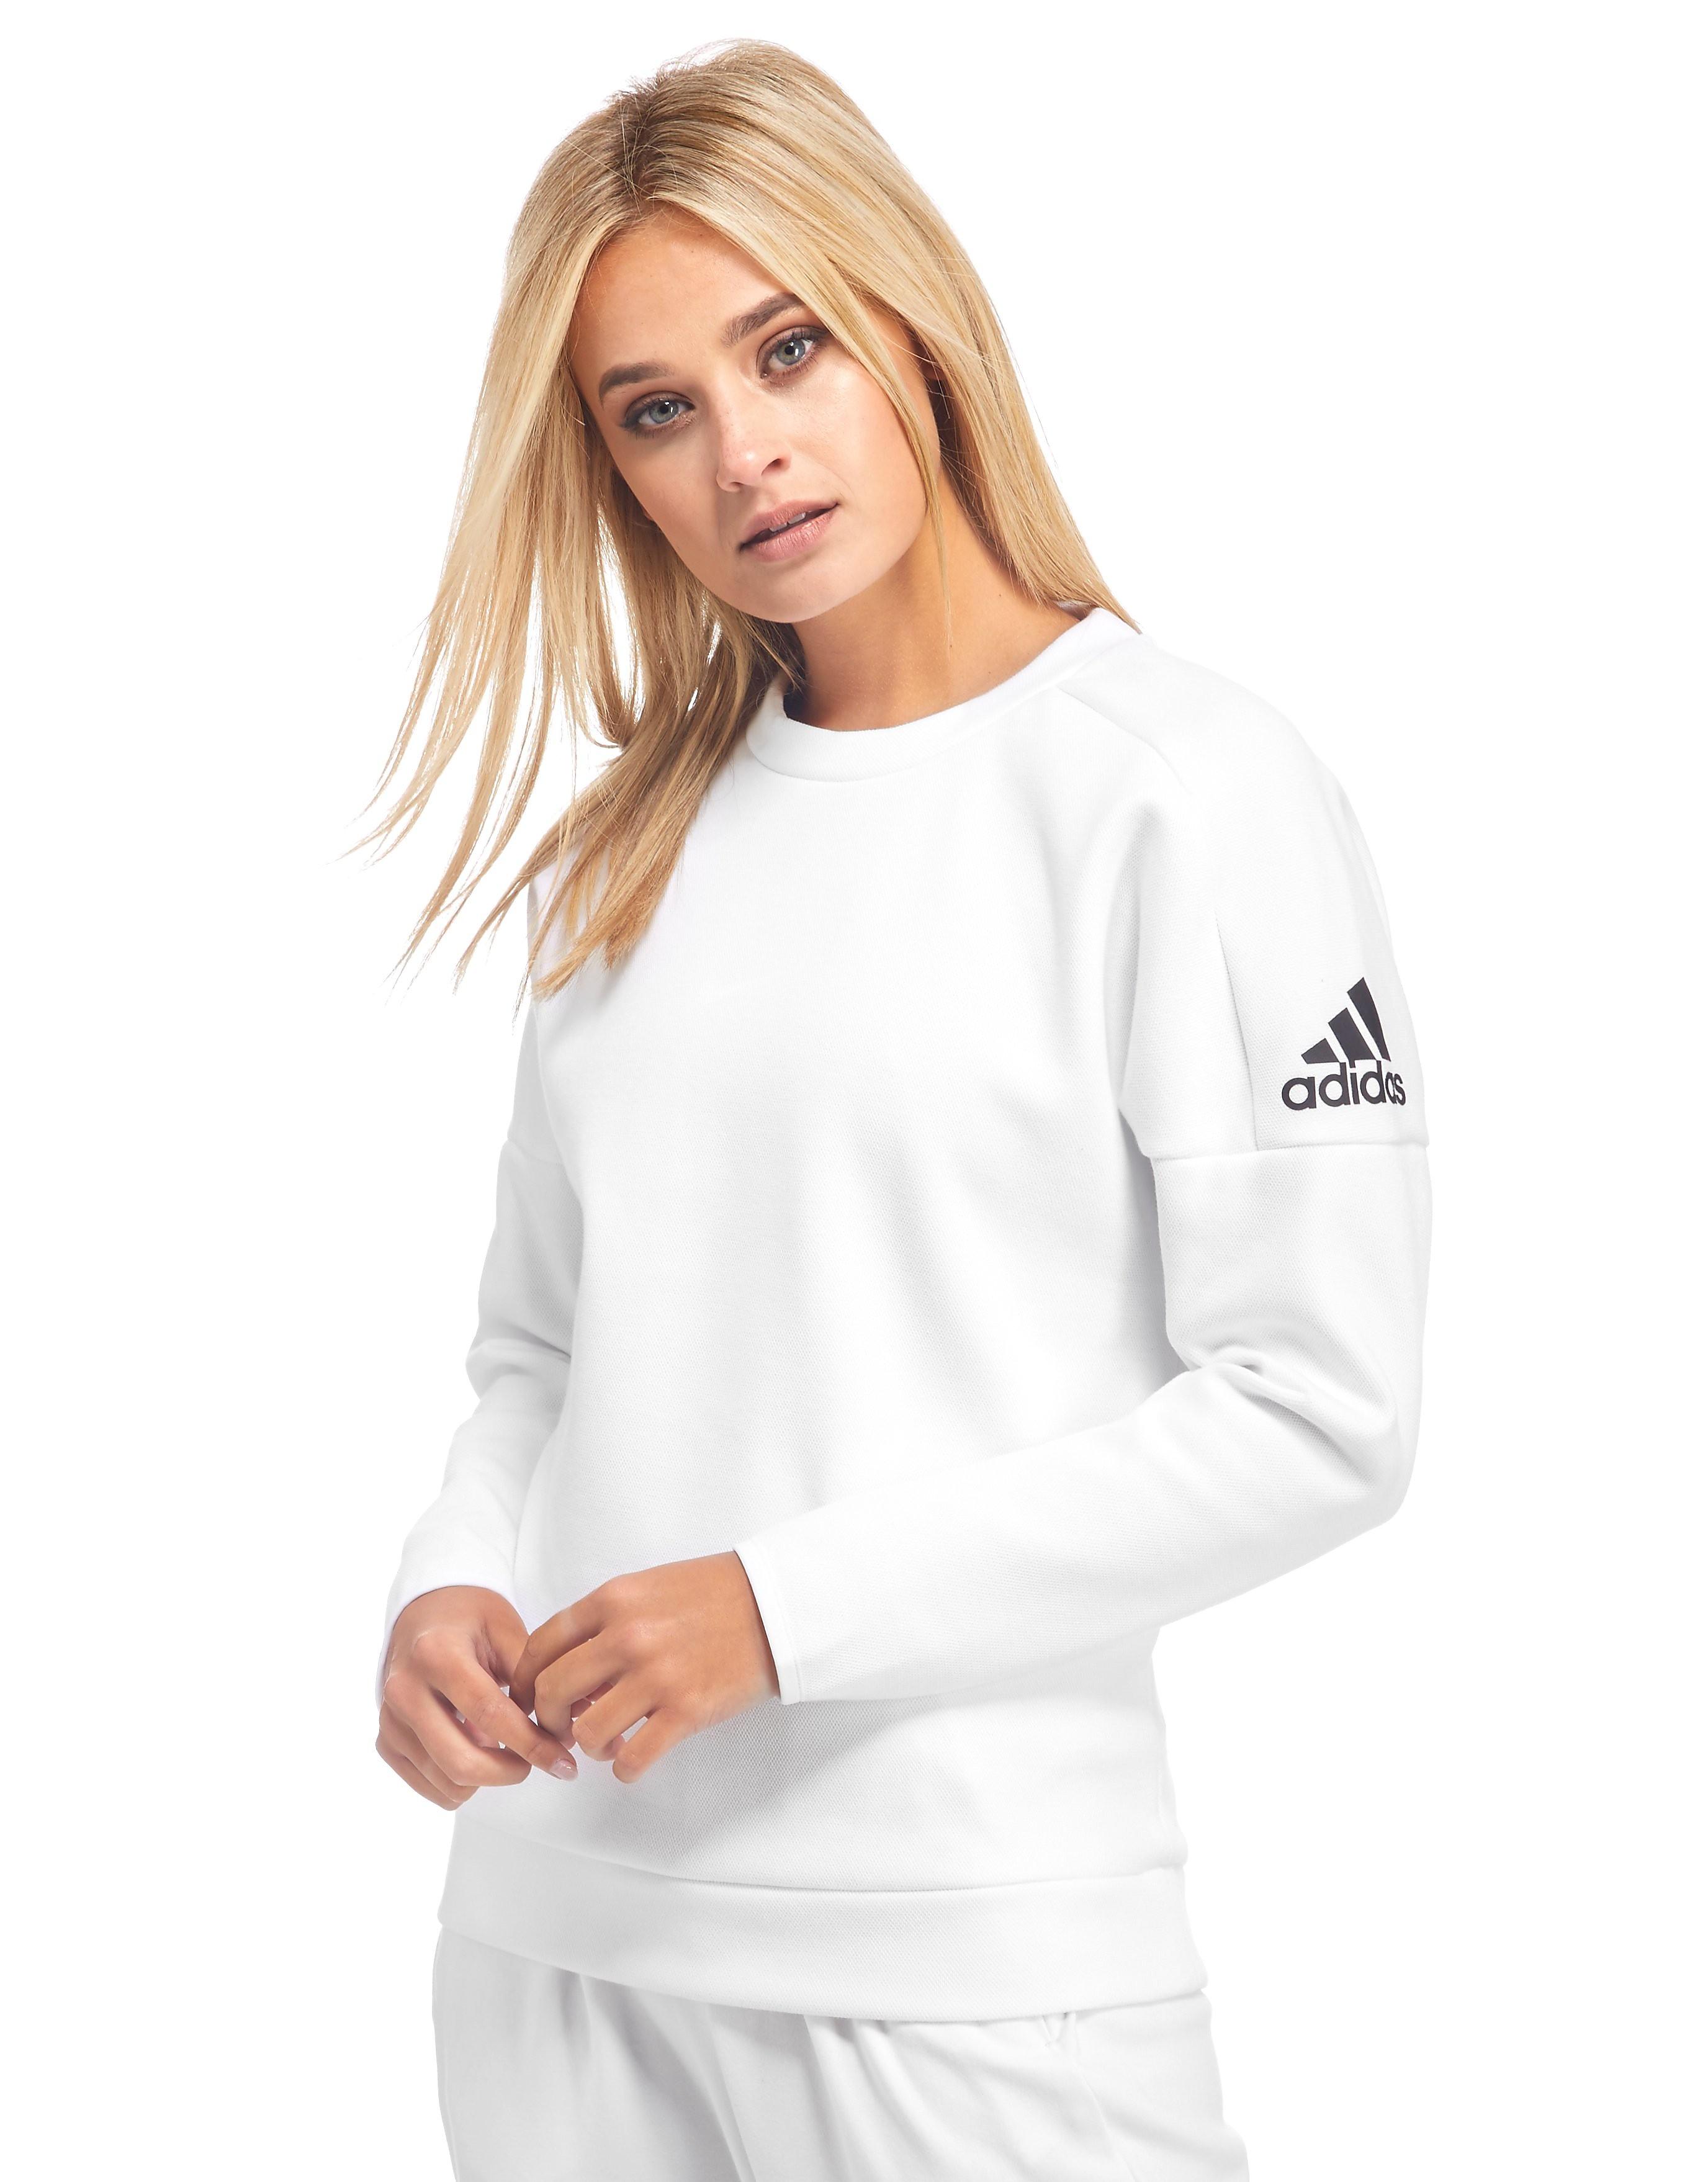 adidas Z.N.E Crew Sweatshirt